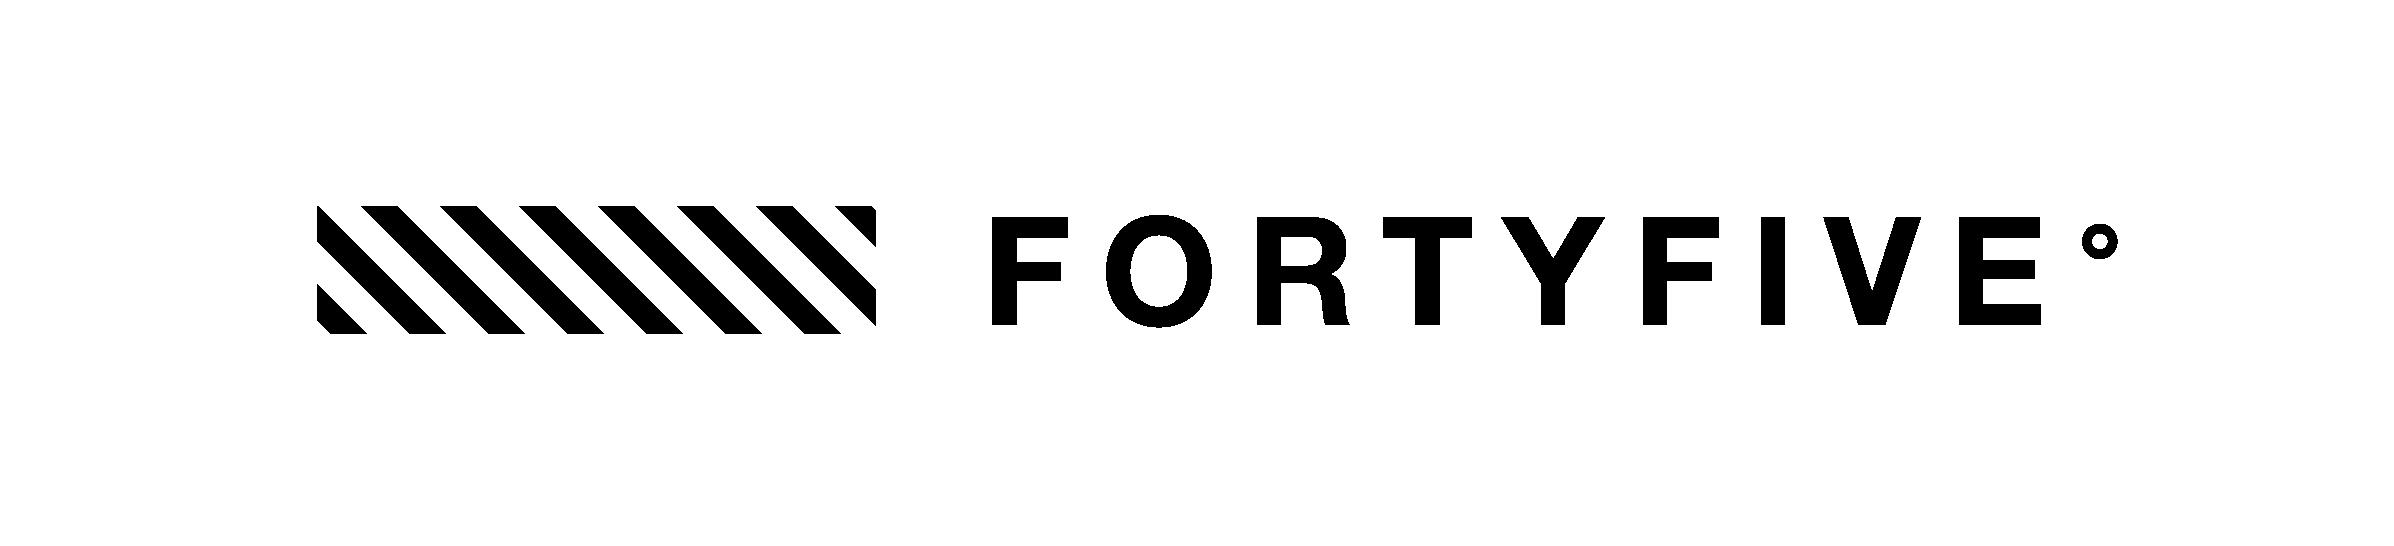 fortyfive-logo.png